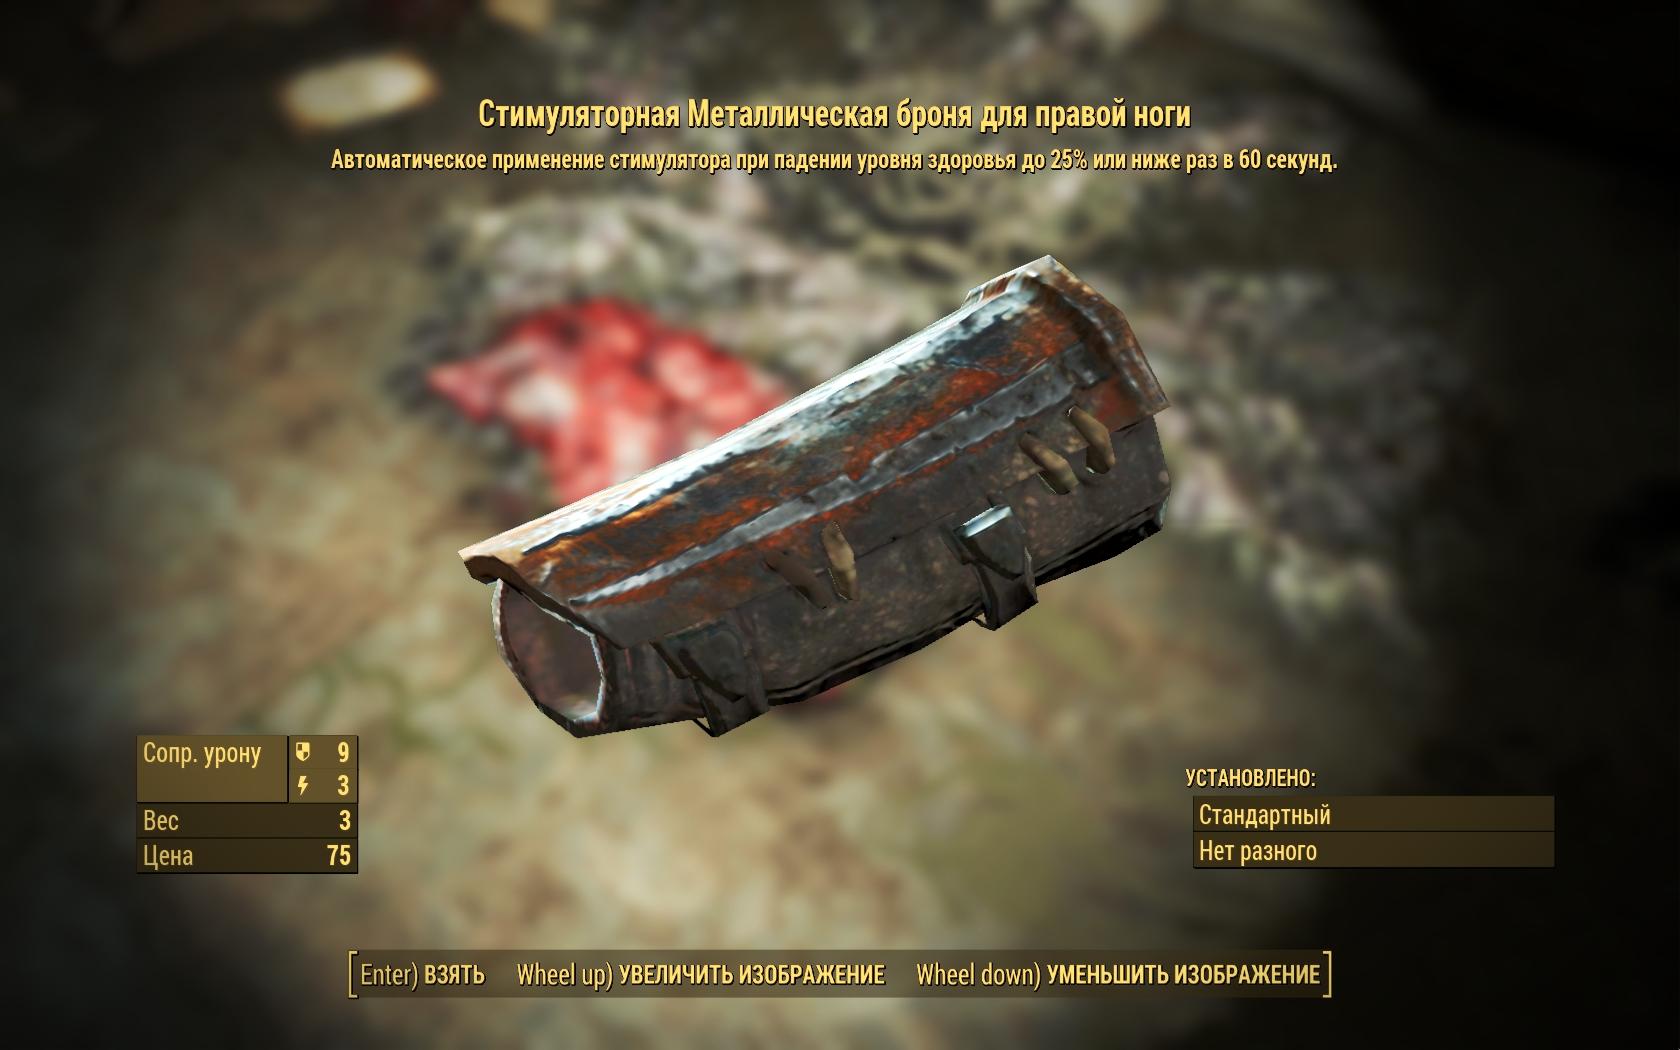 Стимуляторная металлическая броня для правой ноги - Fallout 4 броня, металлическая, Одежда, Стимуляторная